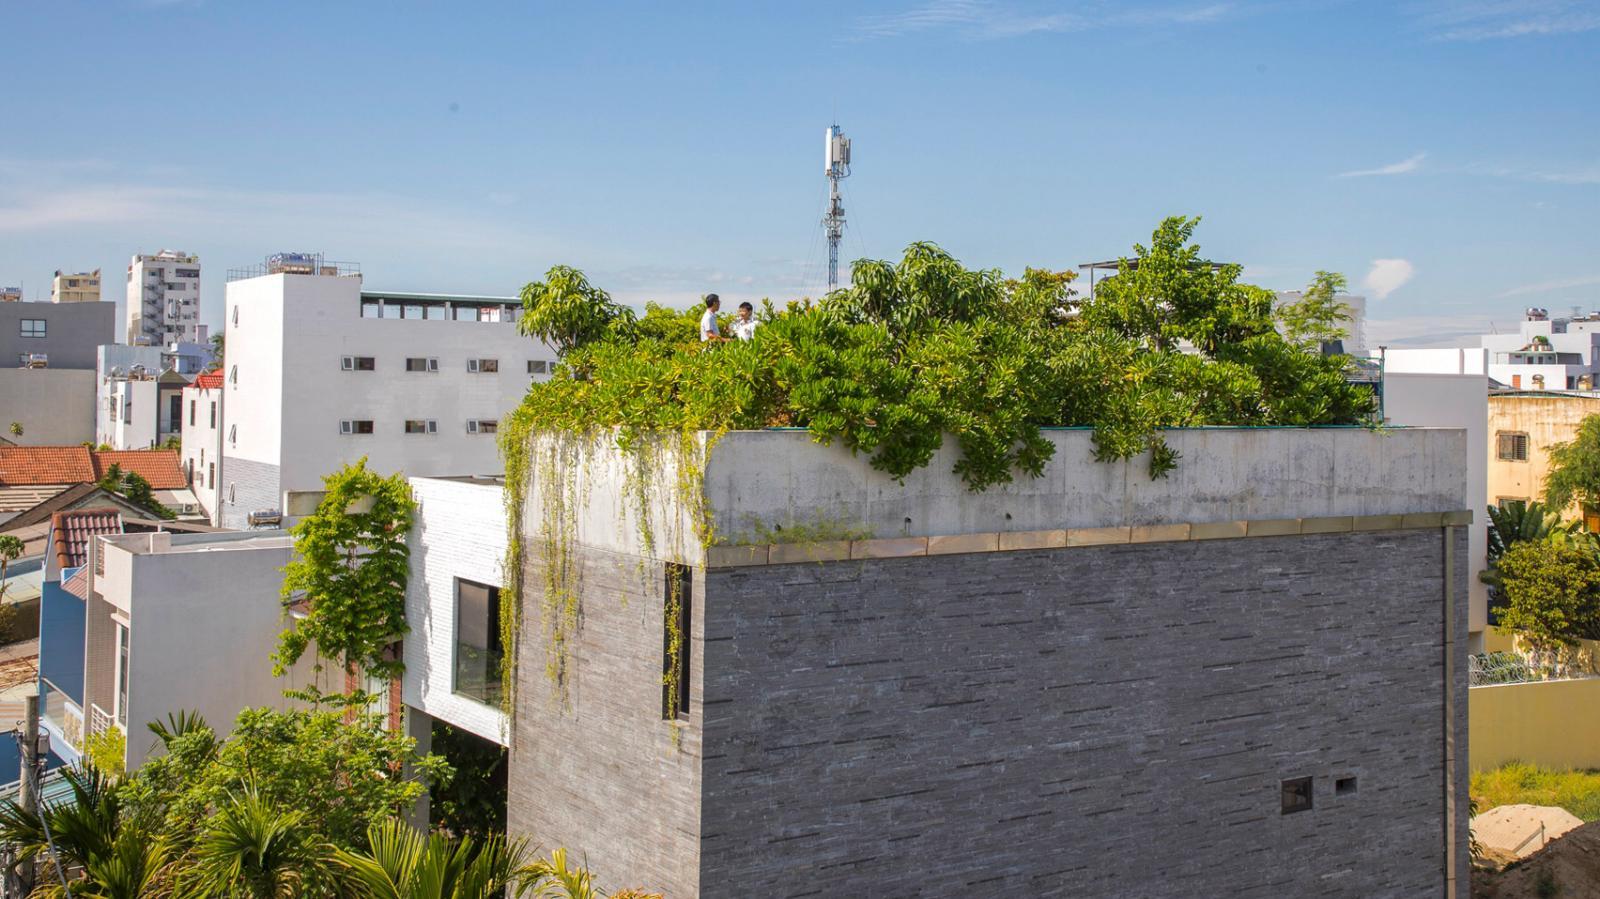 Hình ảnh một góc Nhà Thắng nhìn từ xa với tường bê tông màu xám, sân thượng phủ đầy cây xanh